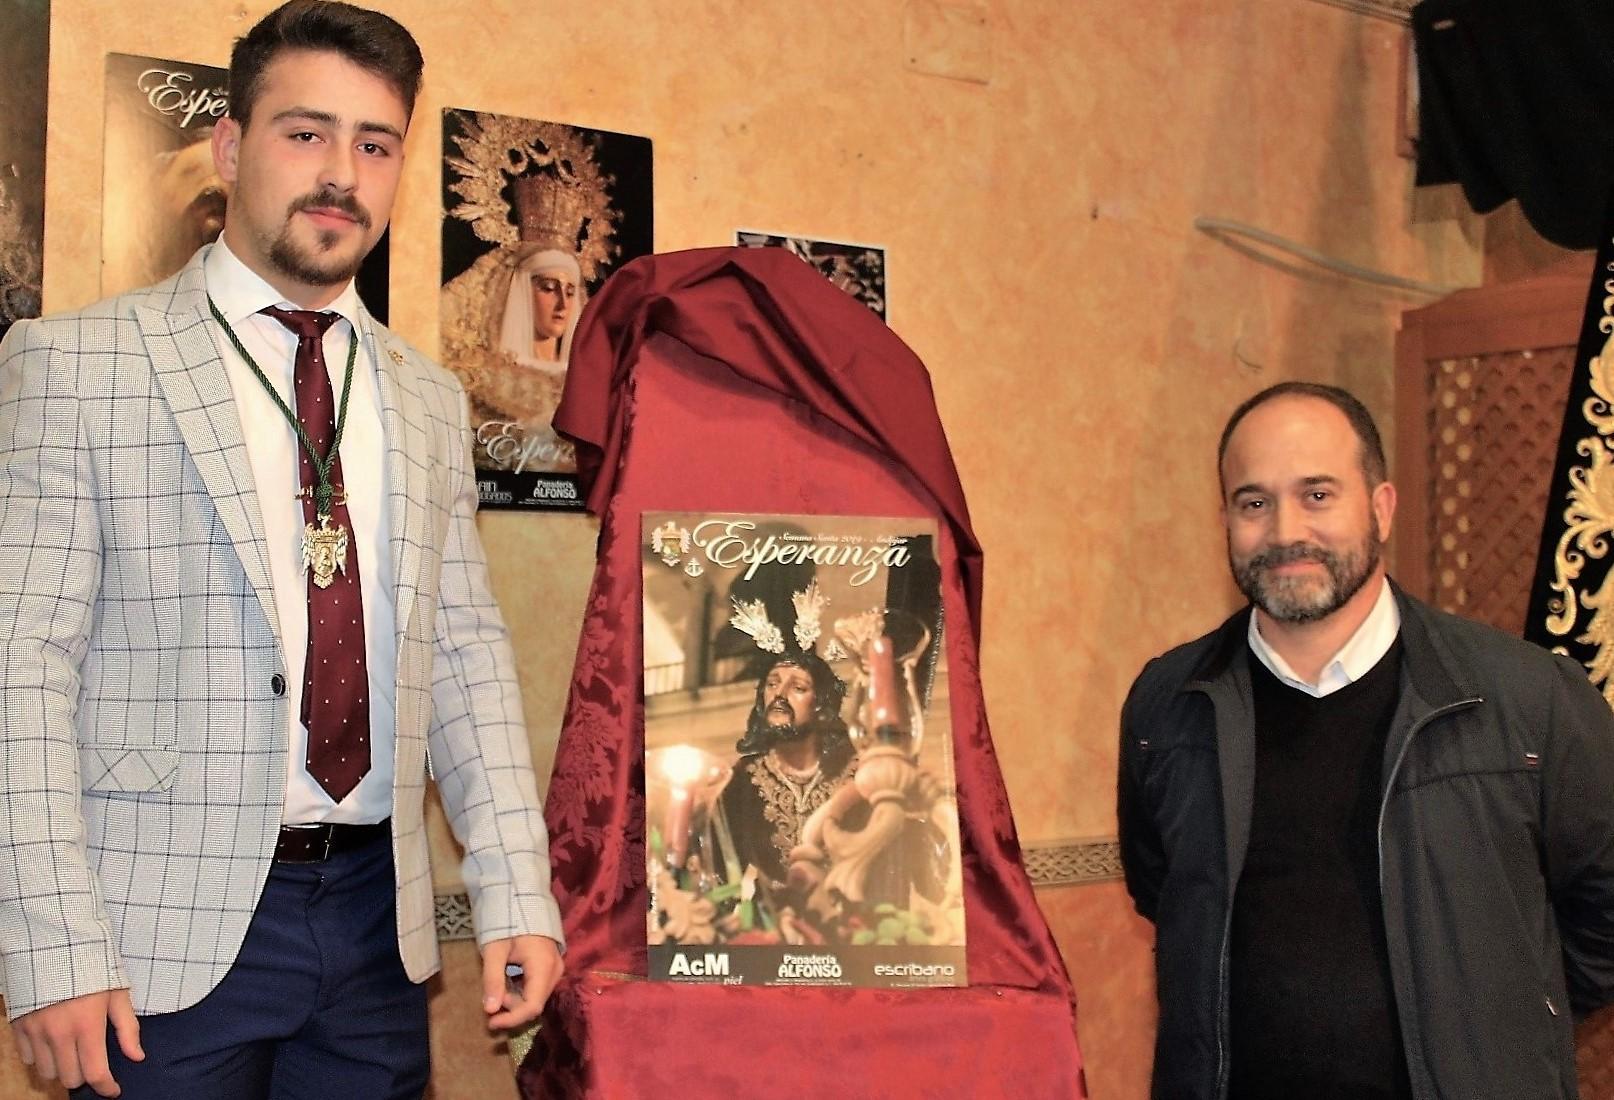 Carlos Ángel Gálvez realiza el cartel de la Esperanza para la Semana Santa